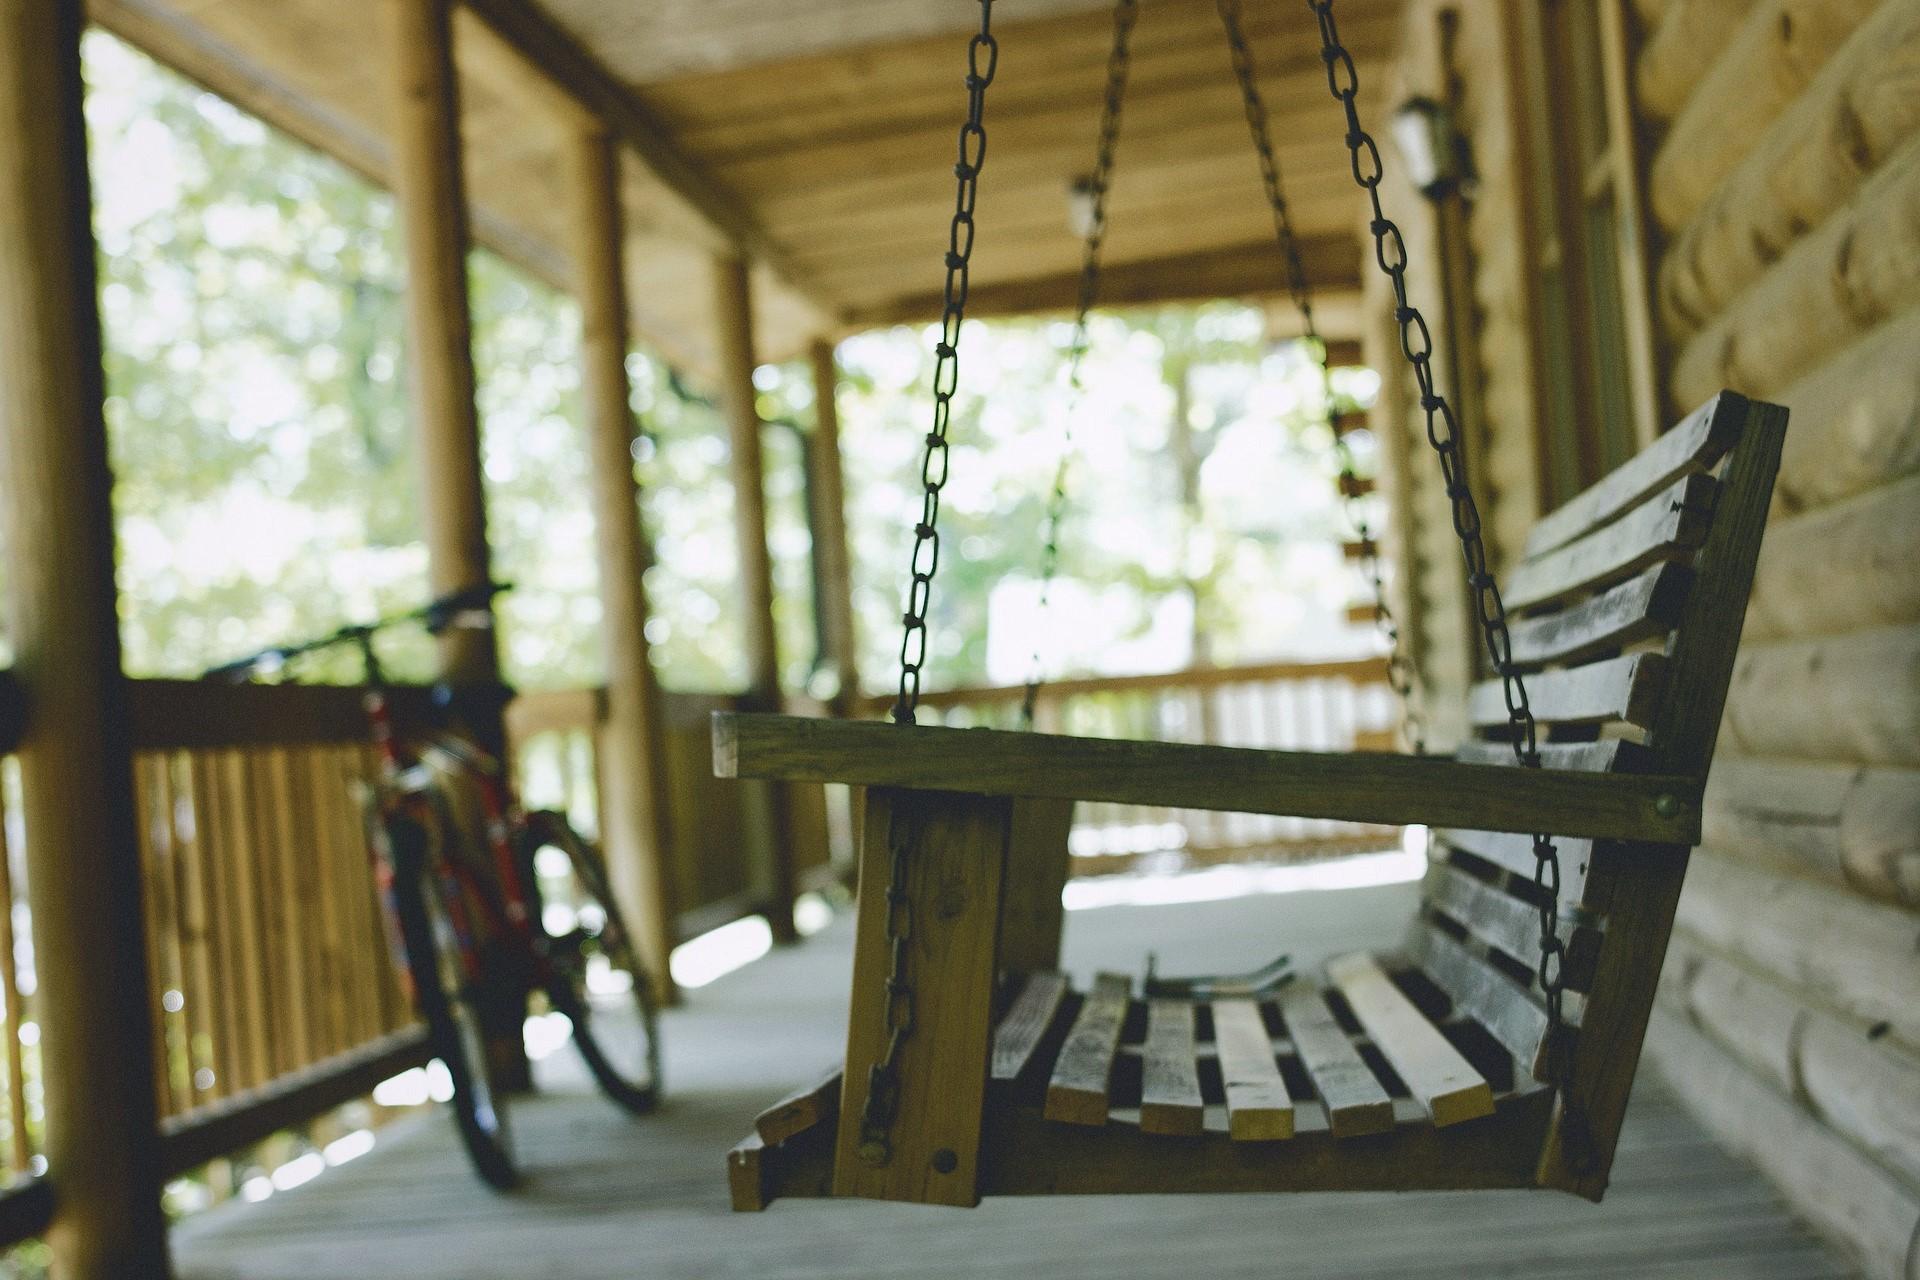 bench-1839735_1920-kopie